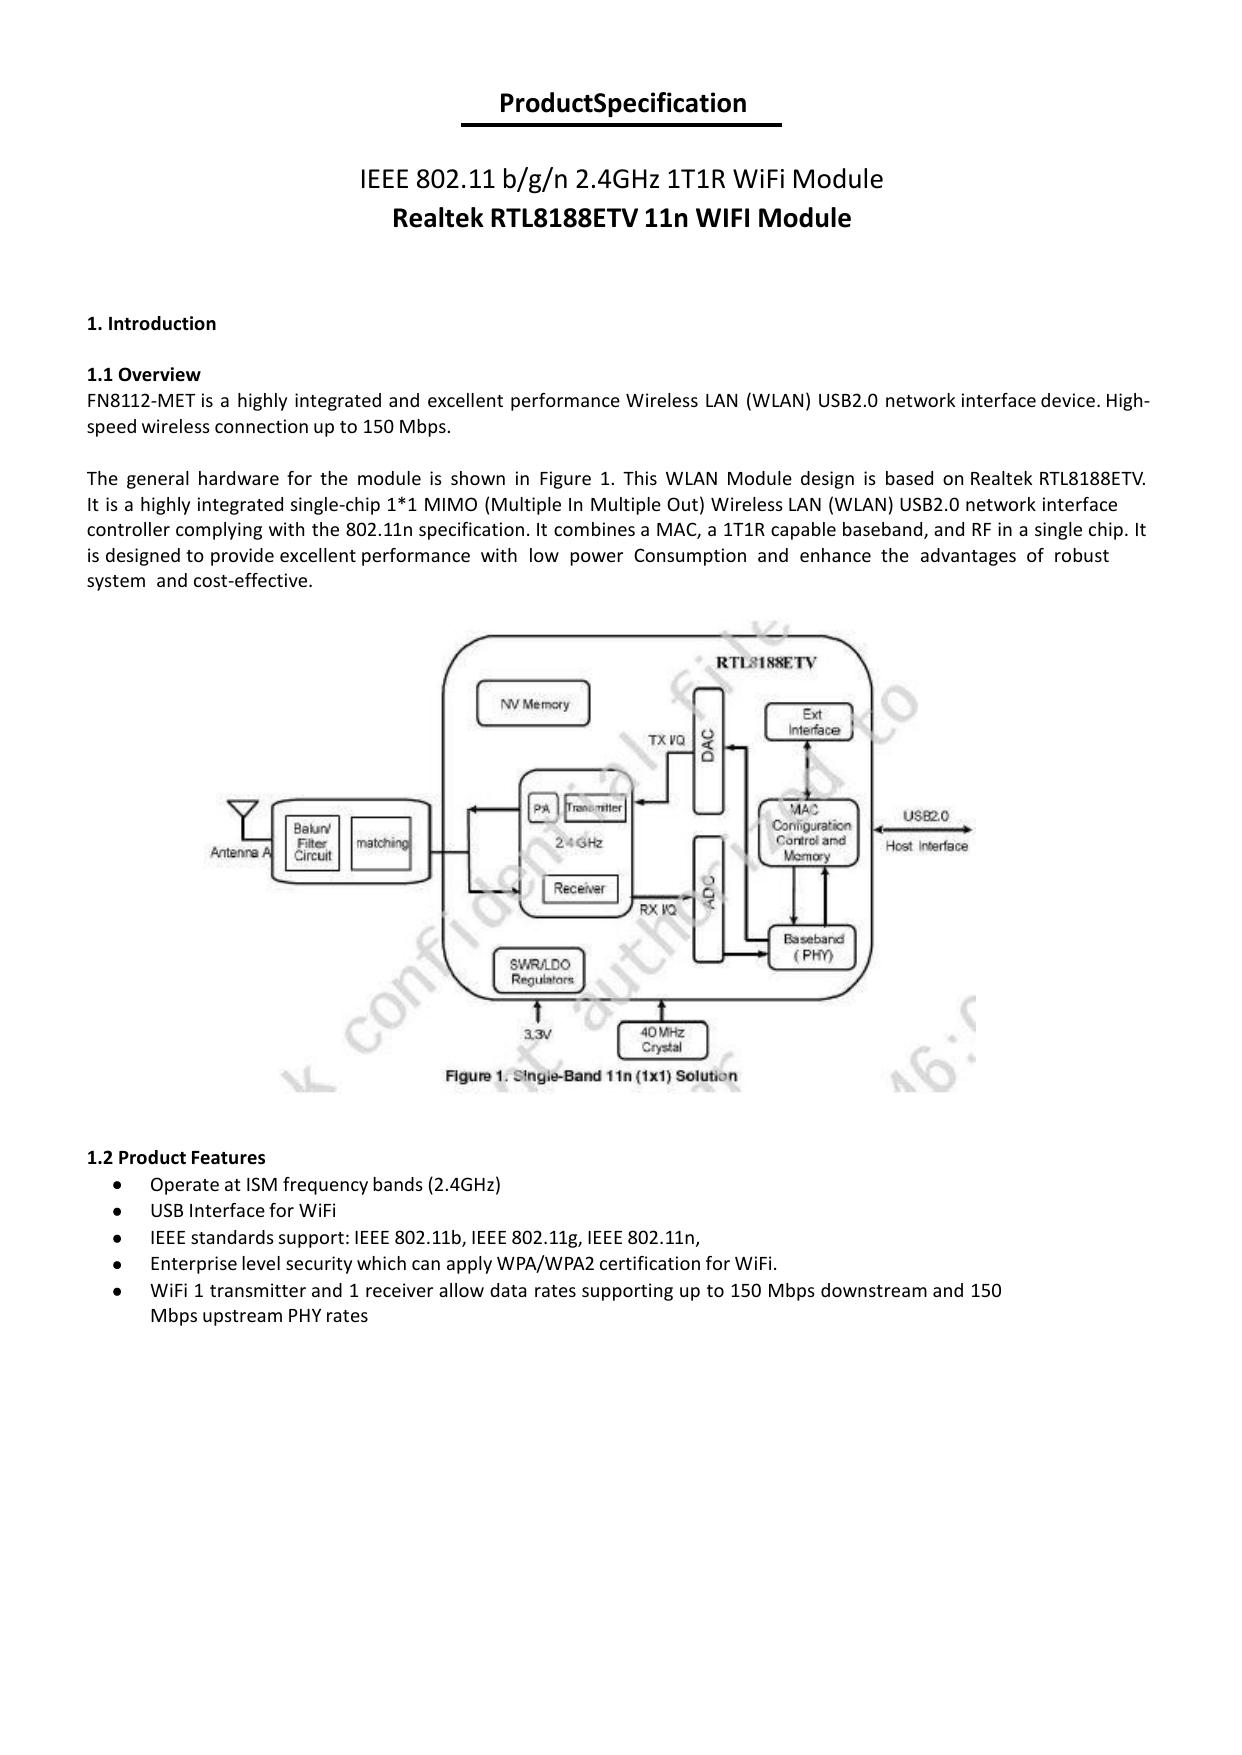 IEEE 802.11B DSSS HIGH SPEED STANDARD TREIBER